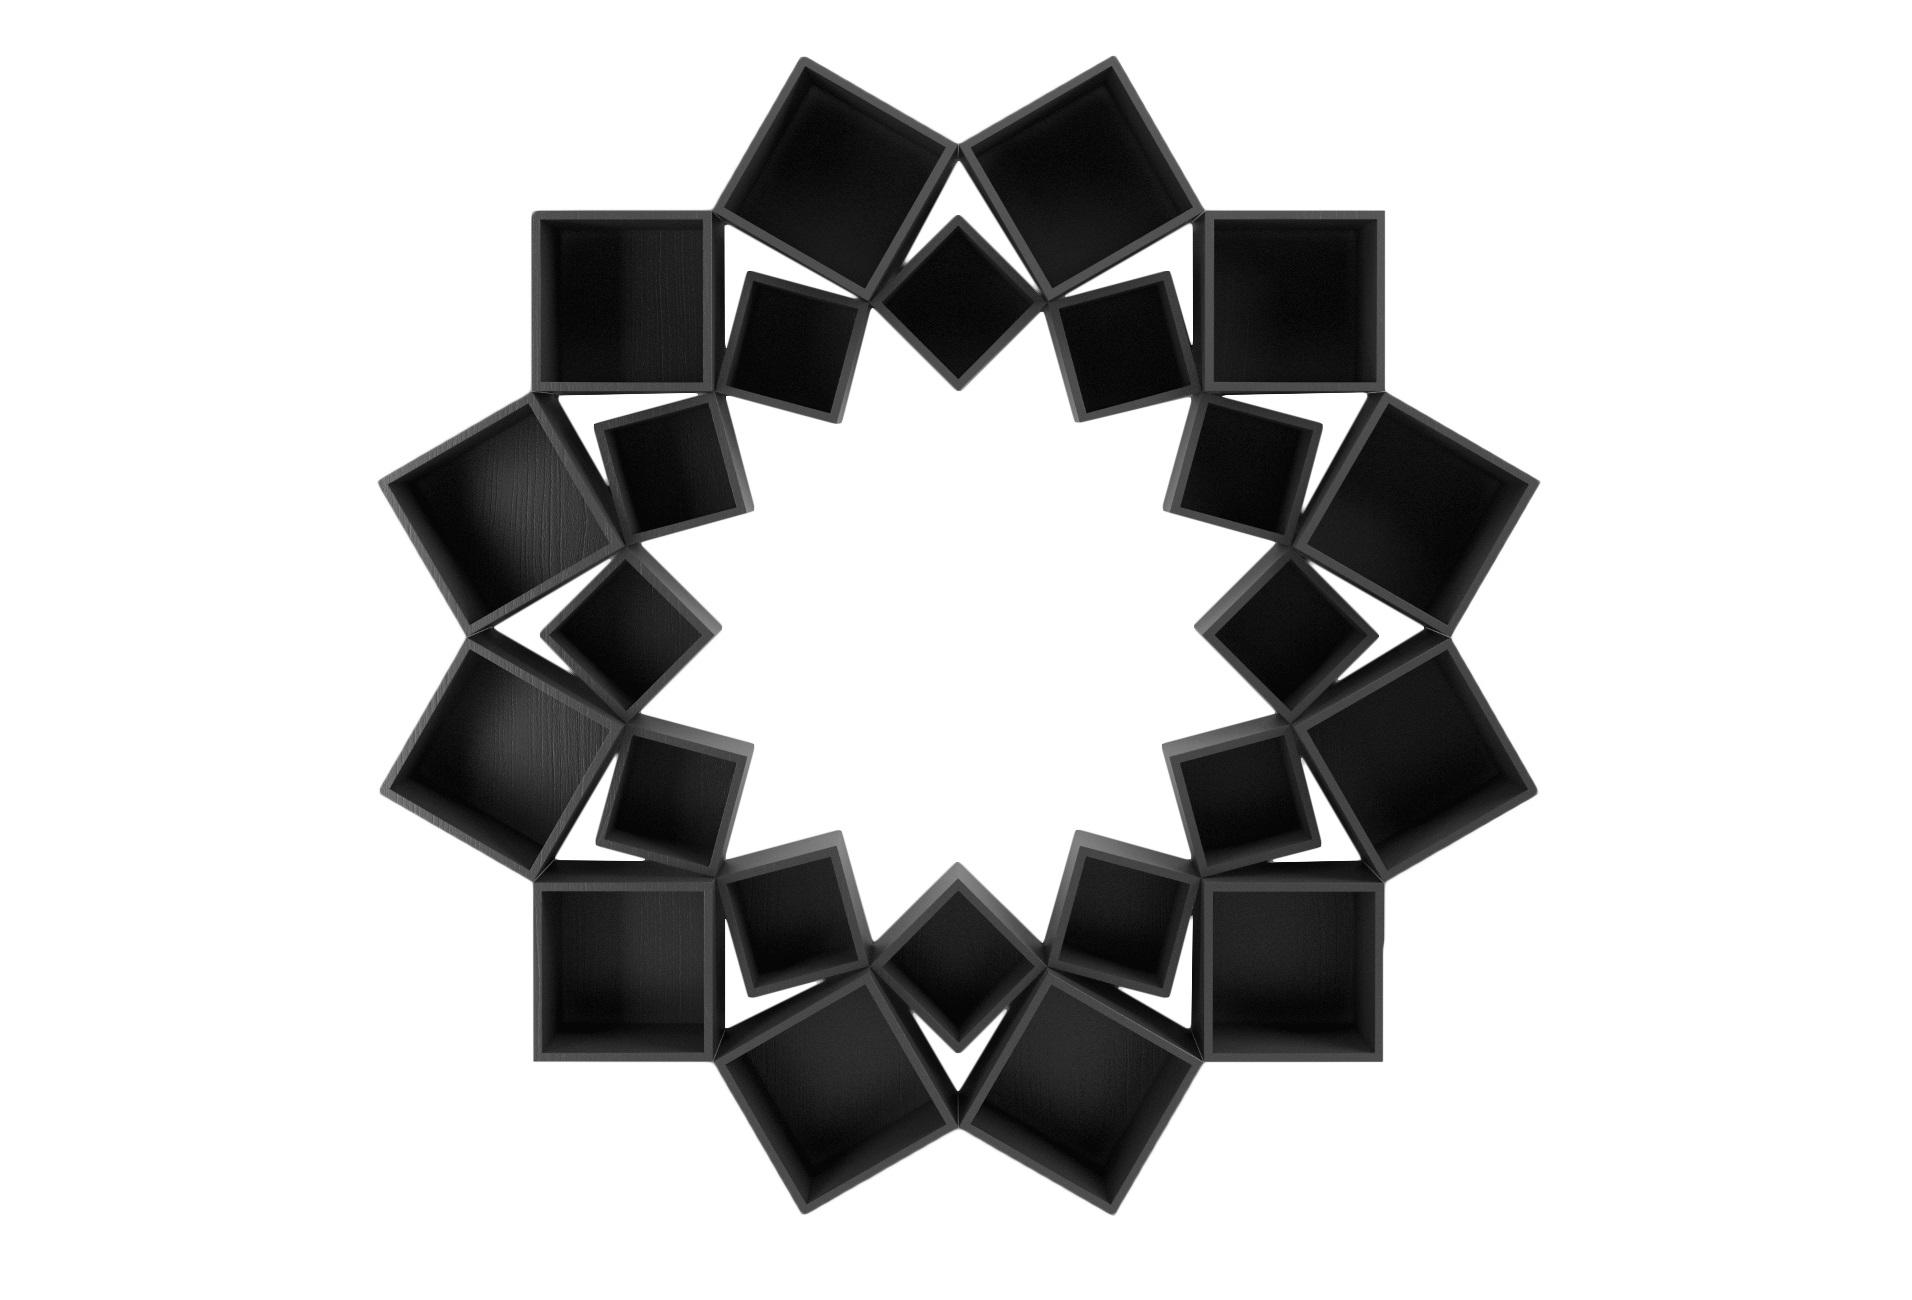 Стеллаж Лотос 2 кругаСтеллажи и этажерки<br>&amp;lt;div&amp;gt;Потрясающий стеллаж из трех кругов квадратов!&amp;amp;nbsp;&amp;lt;/div&amp;gt;&amp;lt;div&amp;gt;&amp;lt;br&amp;gt;&amp;lt;/div&amp;gt;&amp;lt;div&amp;gt;Материал: МДФ, шпон&amp;amp;nbsp;&amp;lt;/div&amp;gt;<br><br>Material: МДФ<br>Высота см: 210.0<br>Глубина см: 30.0